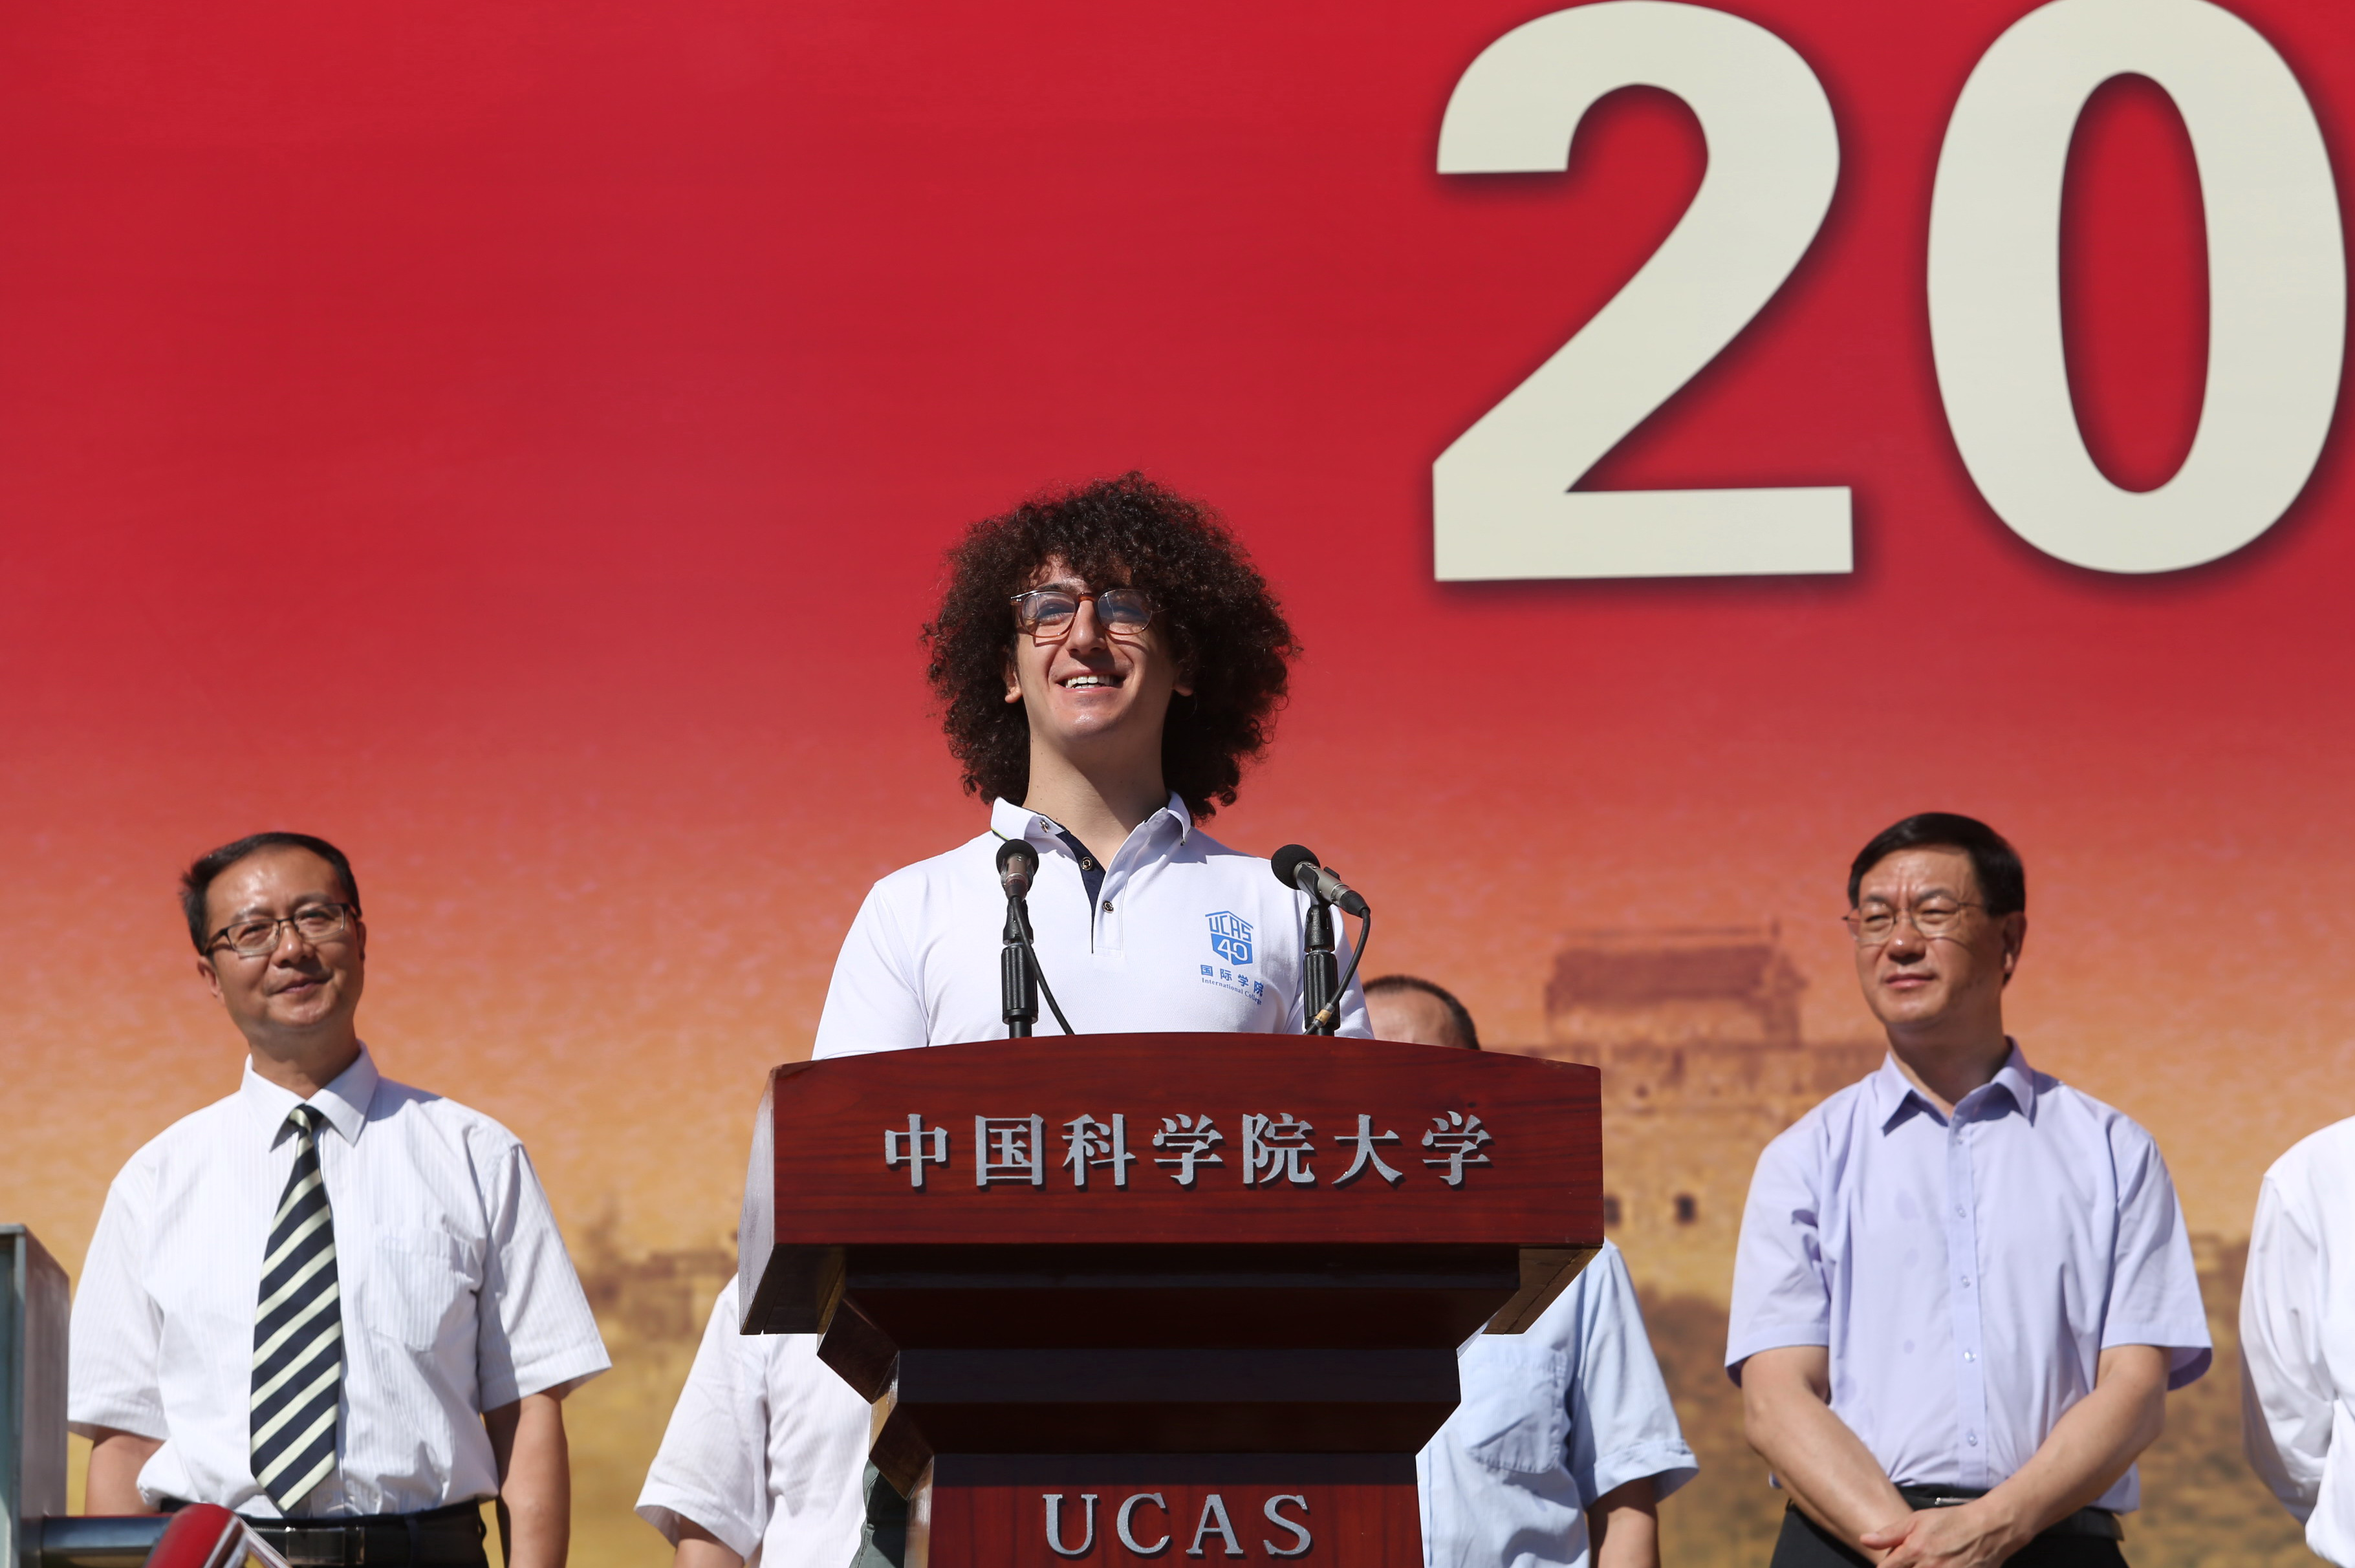 """留学生代表,来自意大利的nicola di trani在代表留学生发言时说,""""中国"""